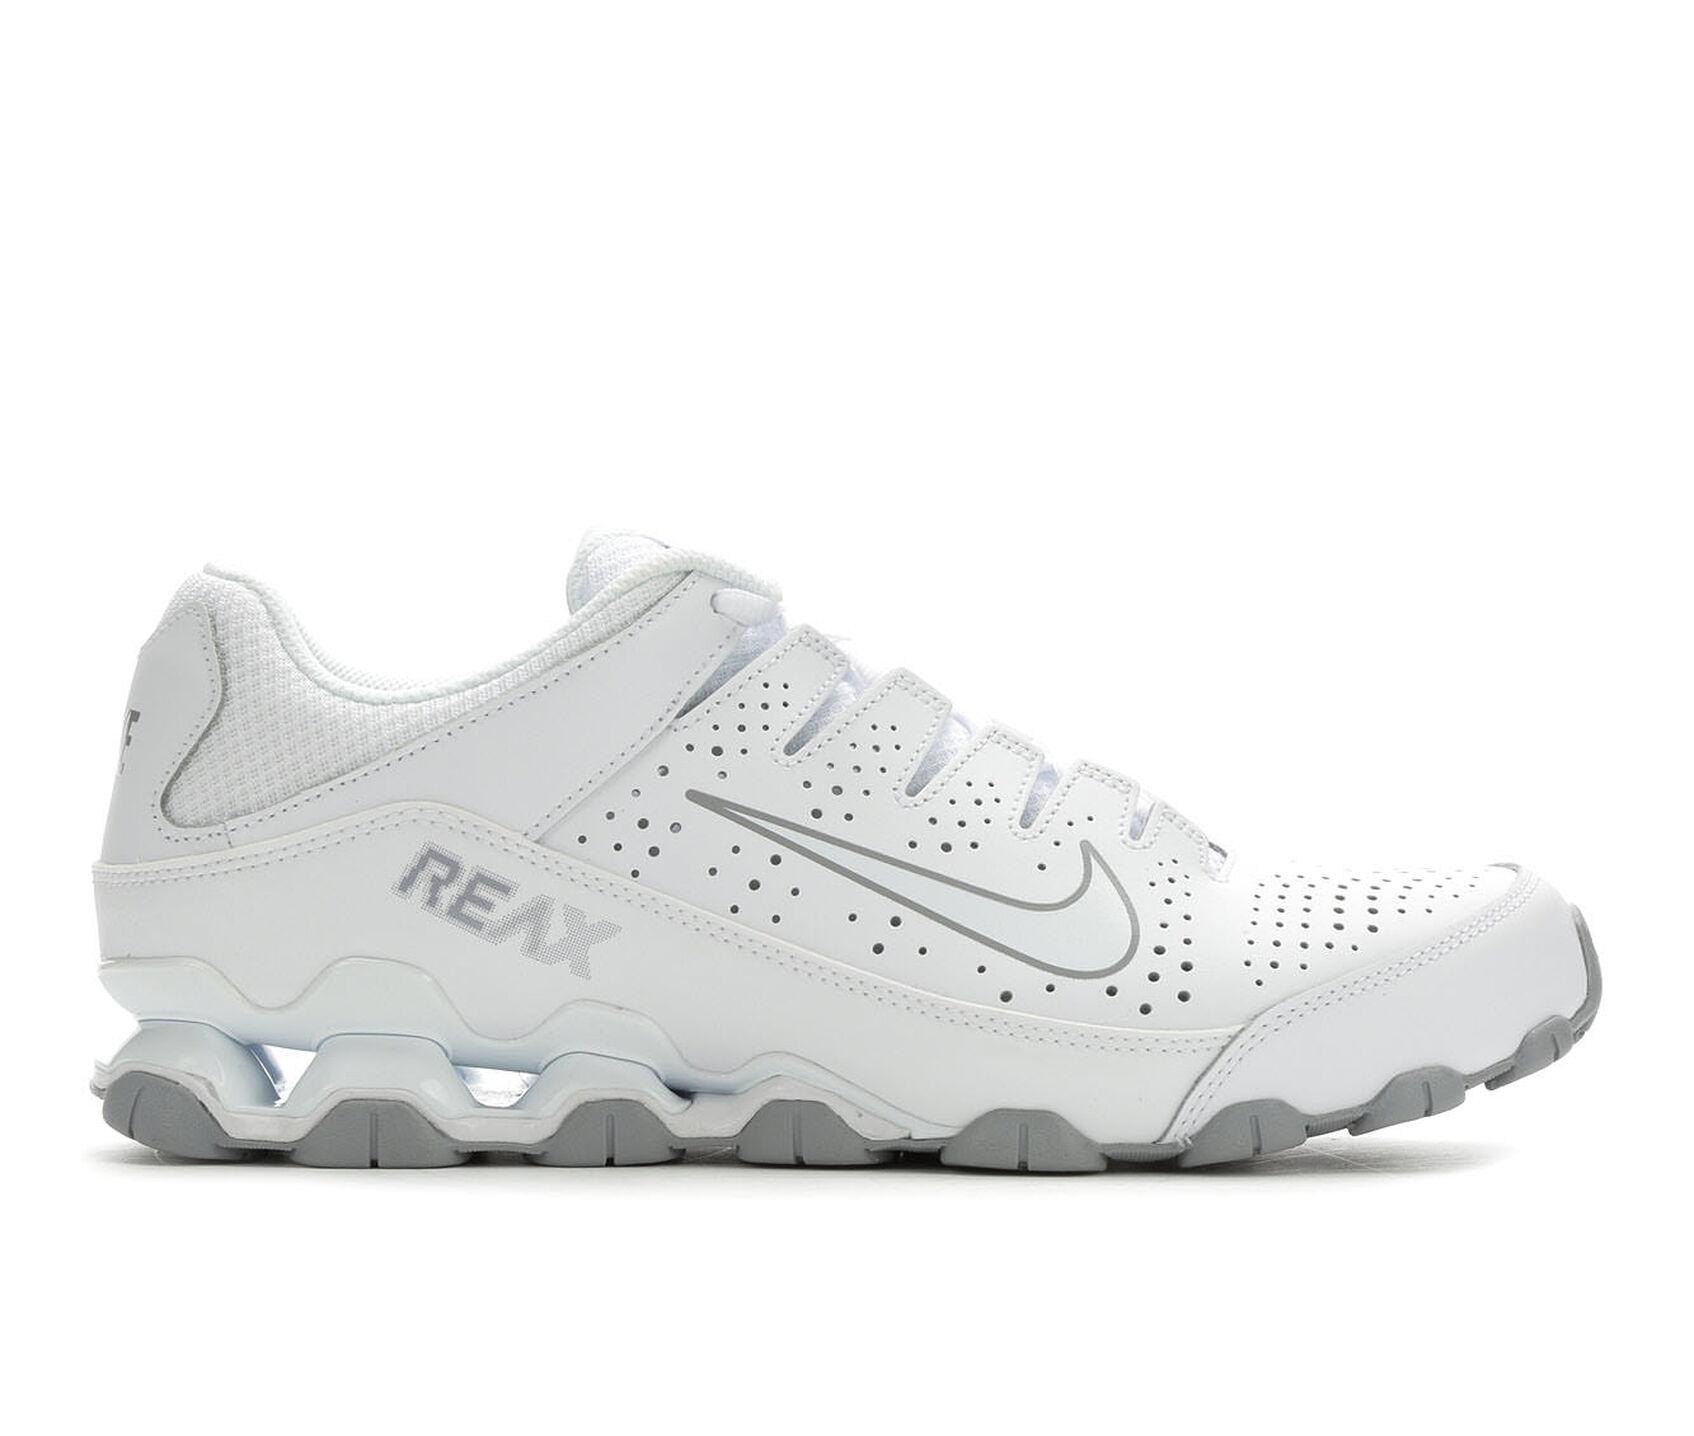 d9132b2a3c71 ... Nike Reax 8 TR Training Shoes. Previous